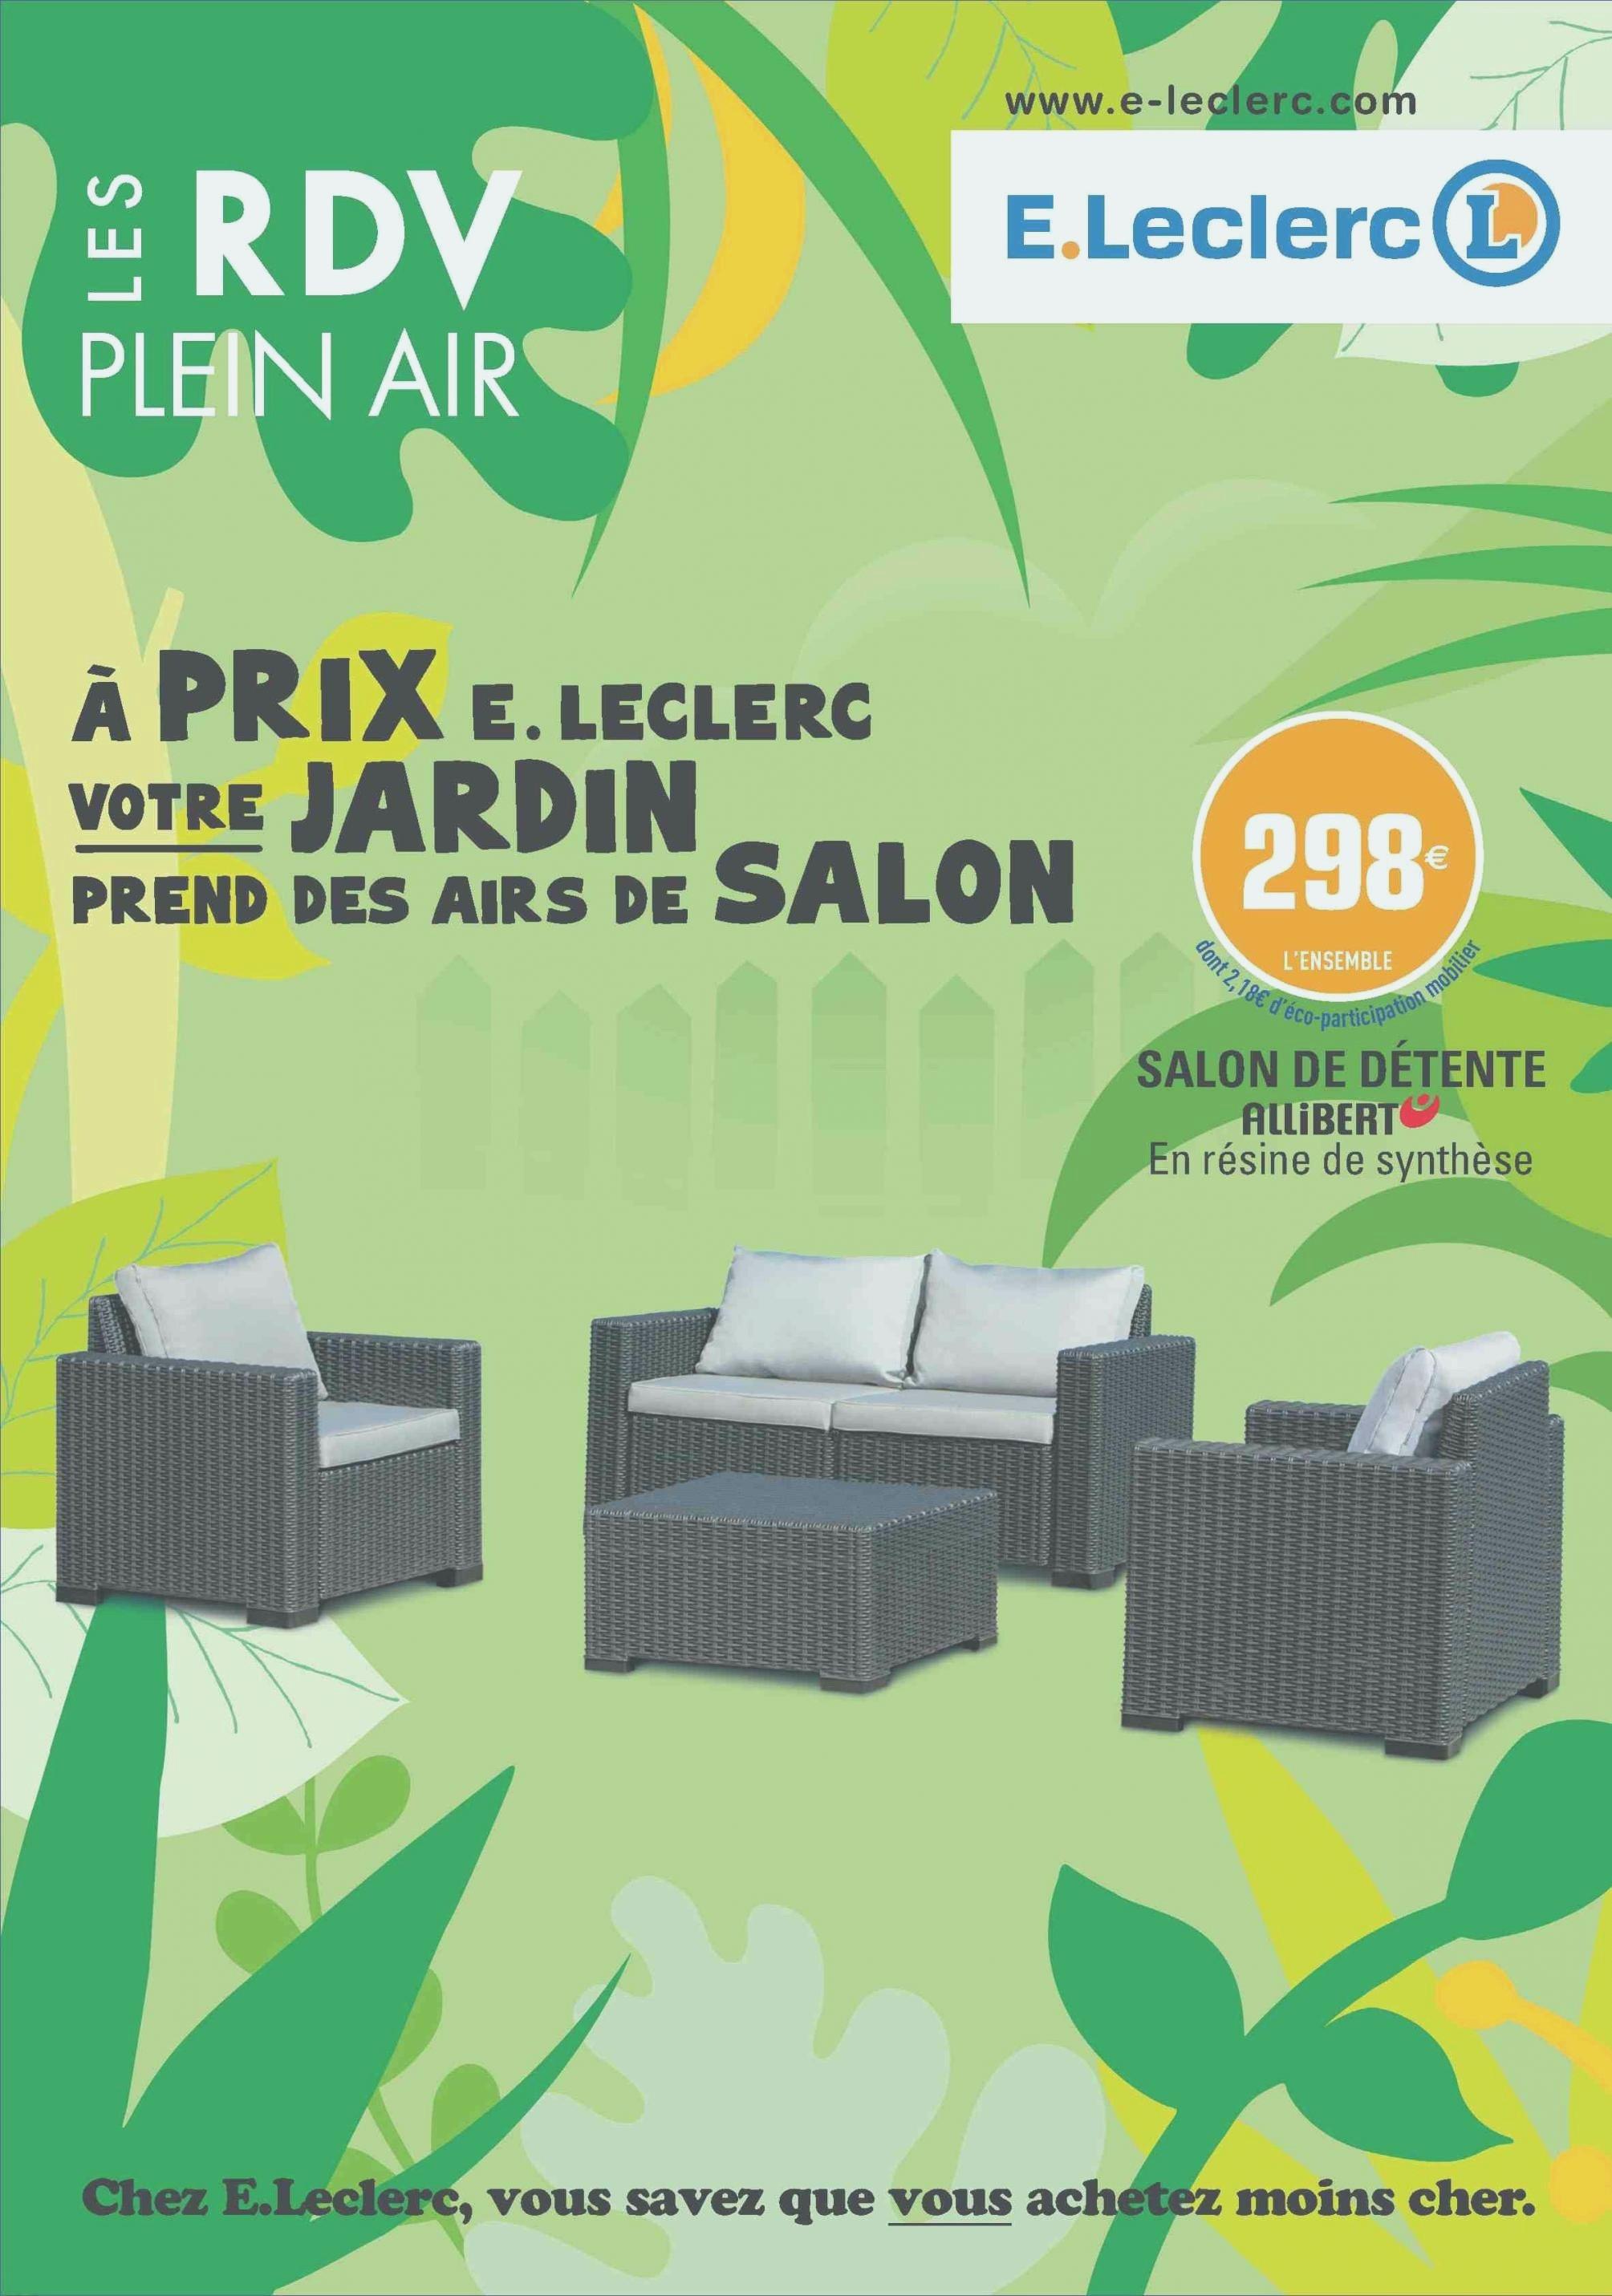 Salon De Jardin Resine Pas Cher Leclerc Unique Photographie Balancelle De Jardin Leclerc Plus Splendide Les 29 Best Brico Jardi